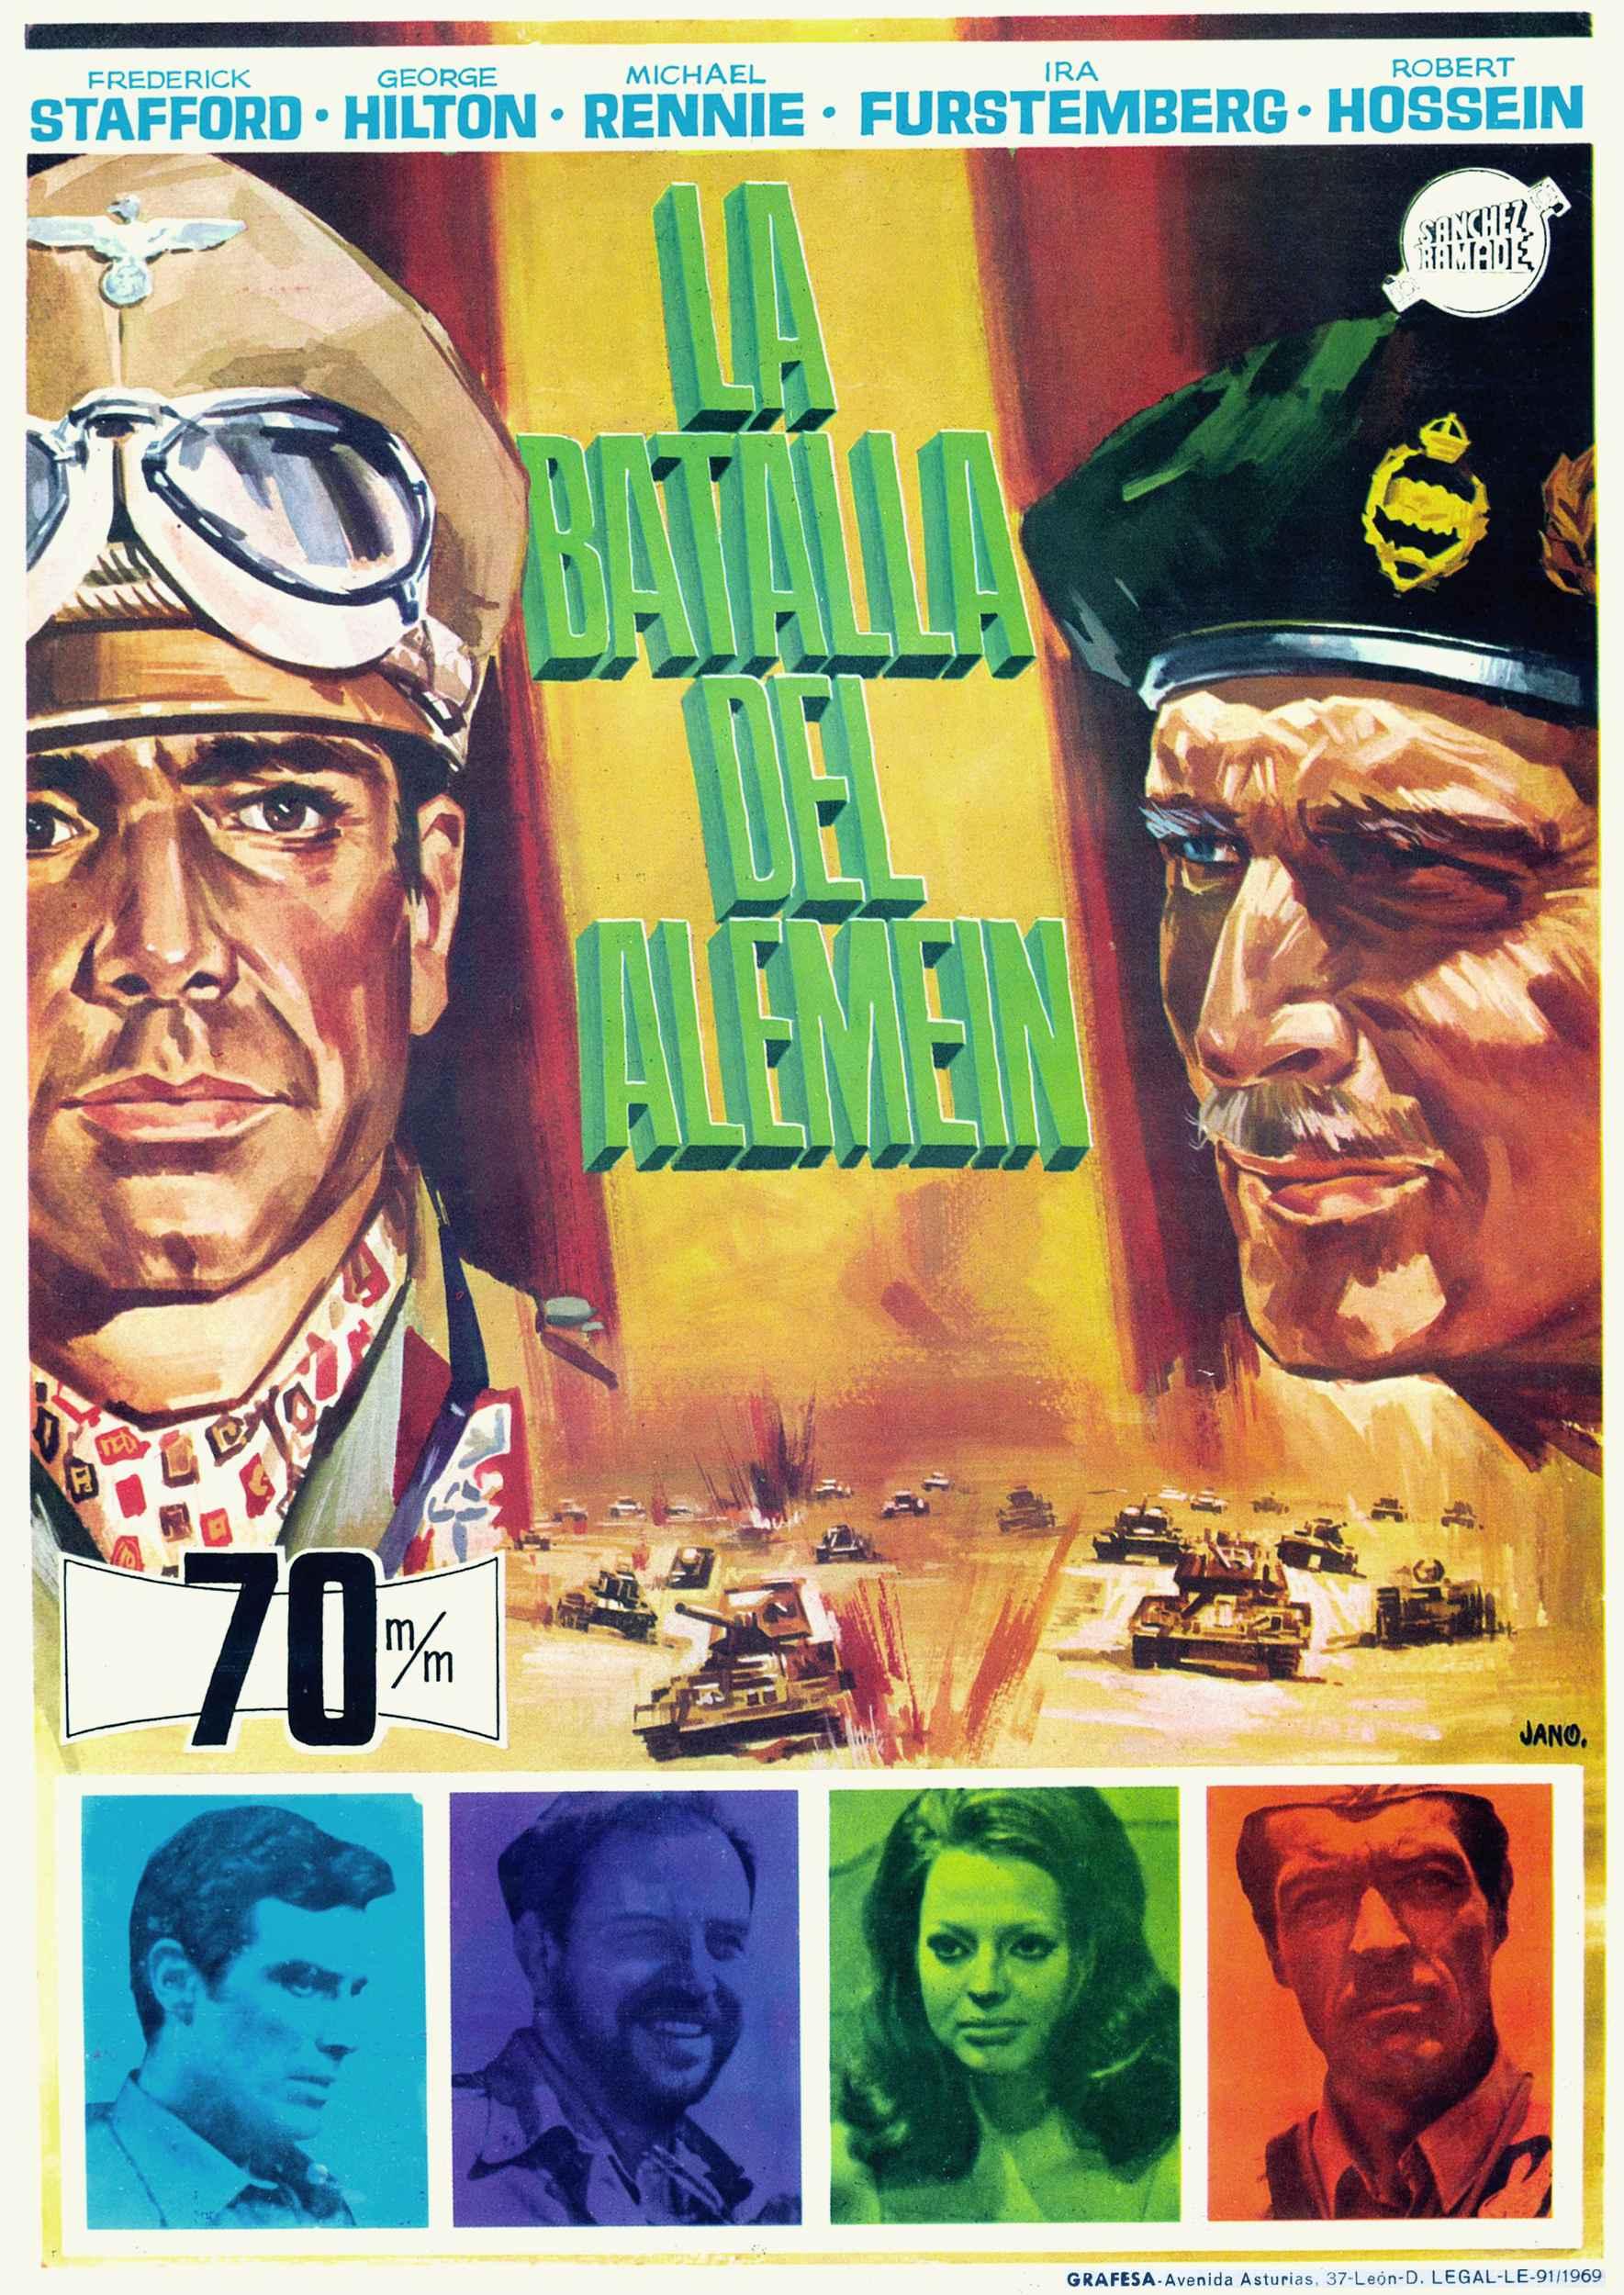 la bataille del alamein film